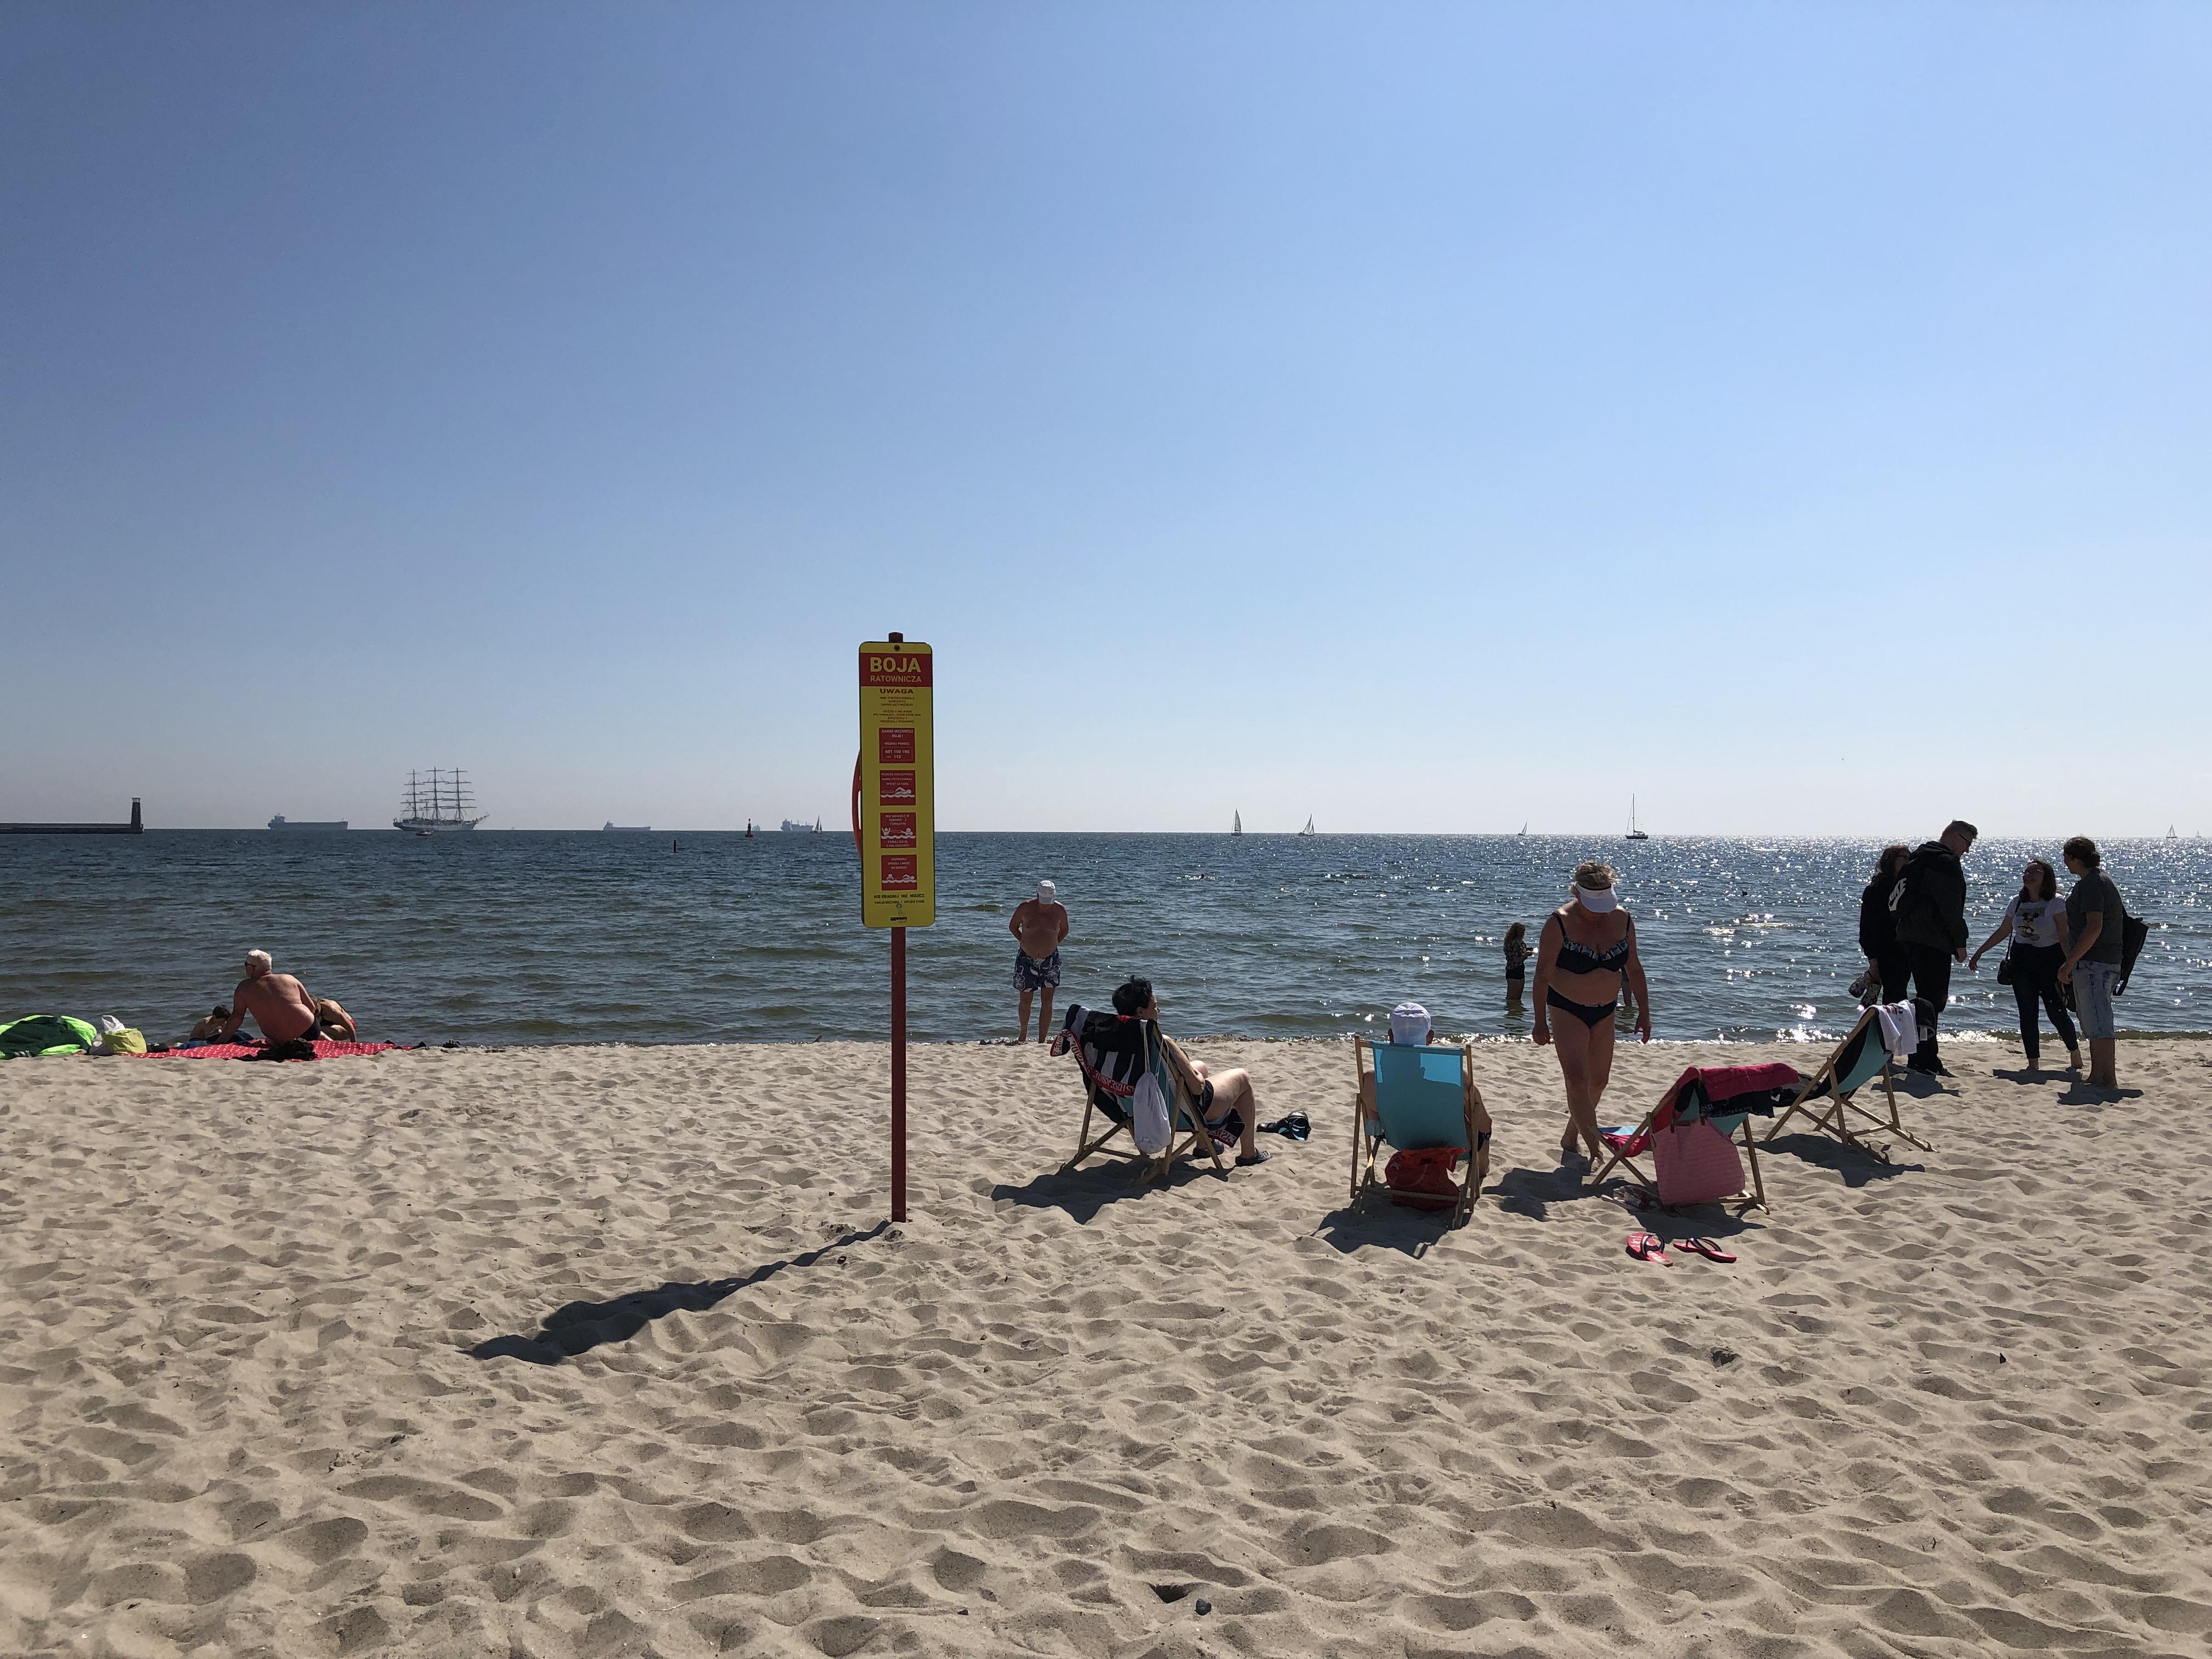 Znaki informacyjne z boją na plaży Gdynia Śródmieście, fot. Magda Śliżewska